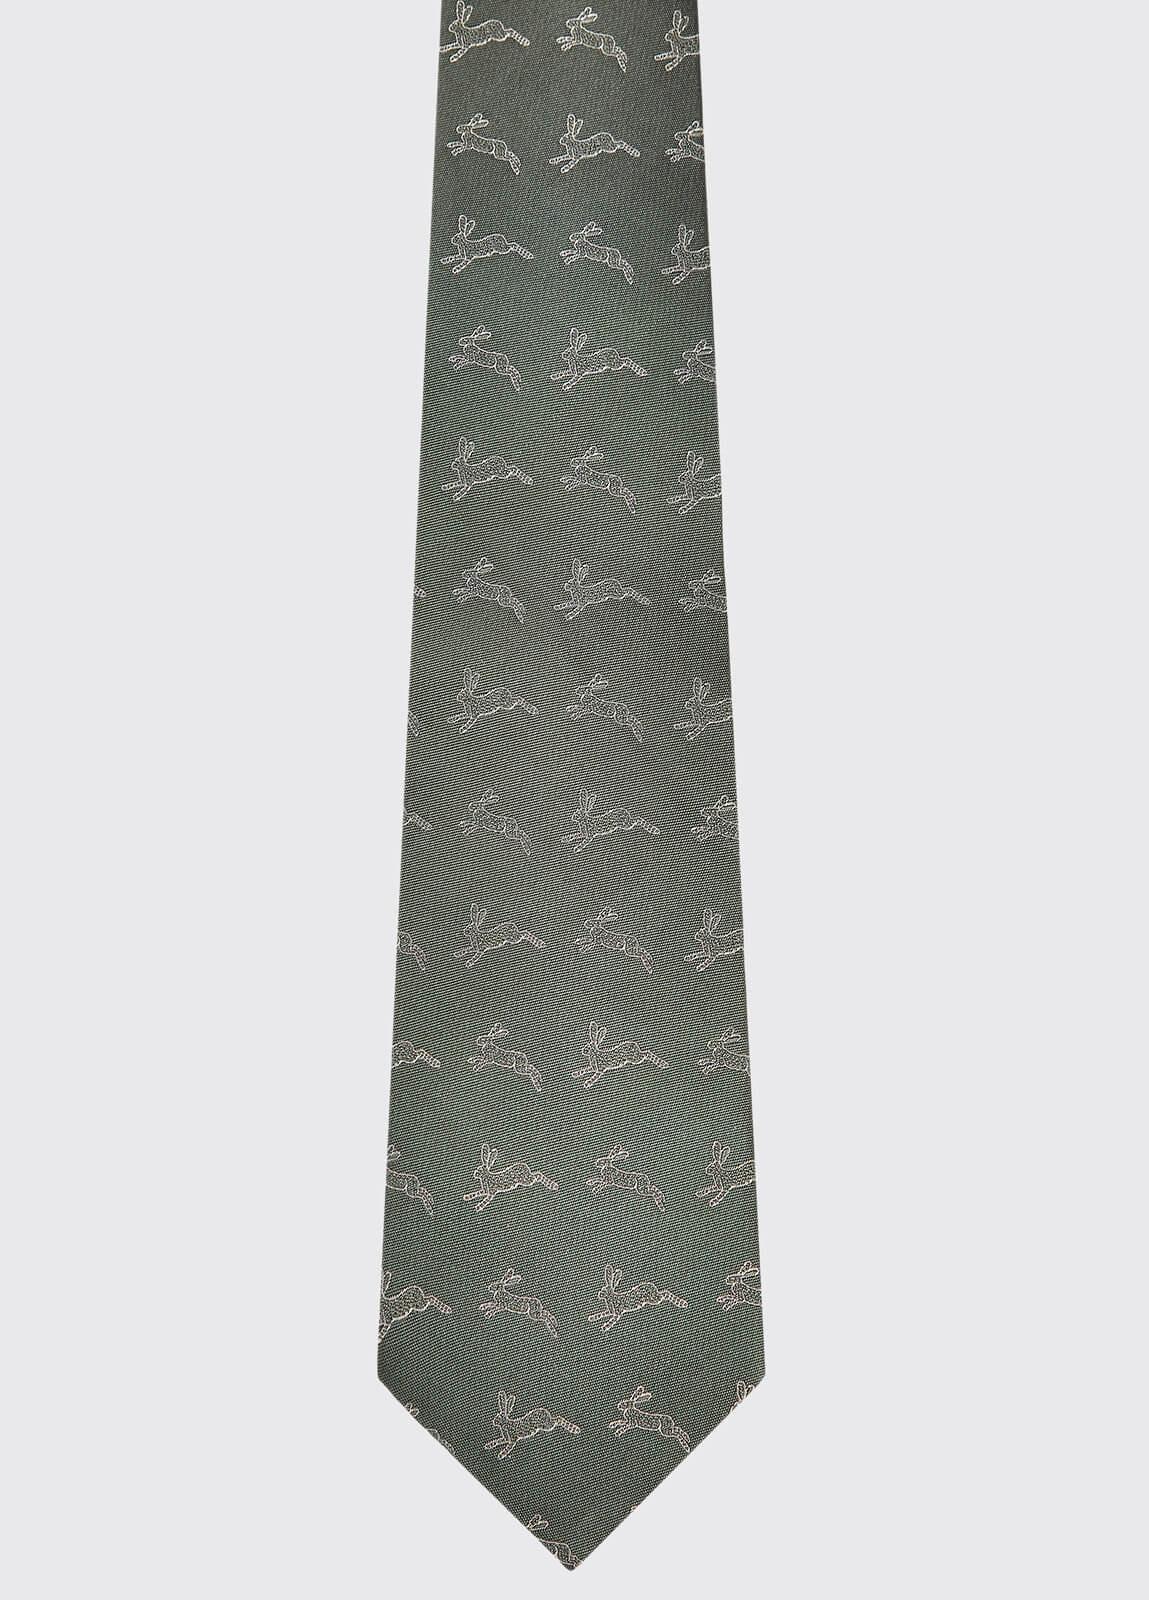 Lacken Silk Tie - Olive